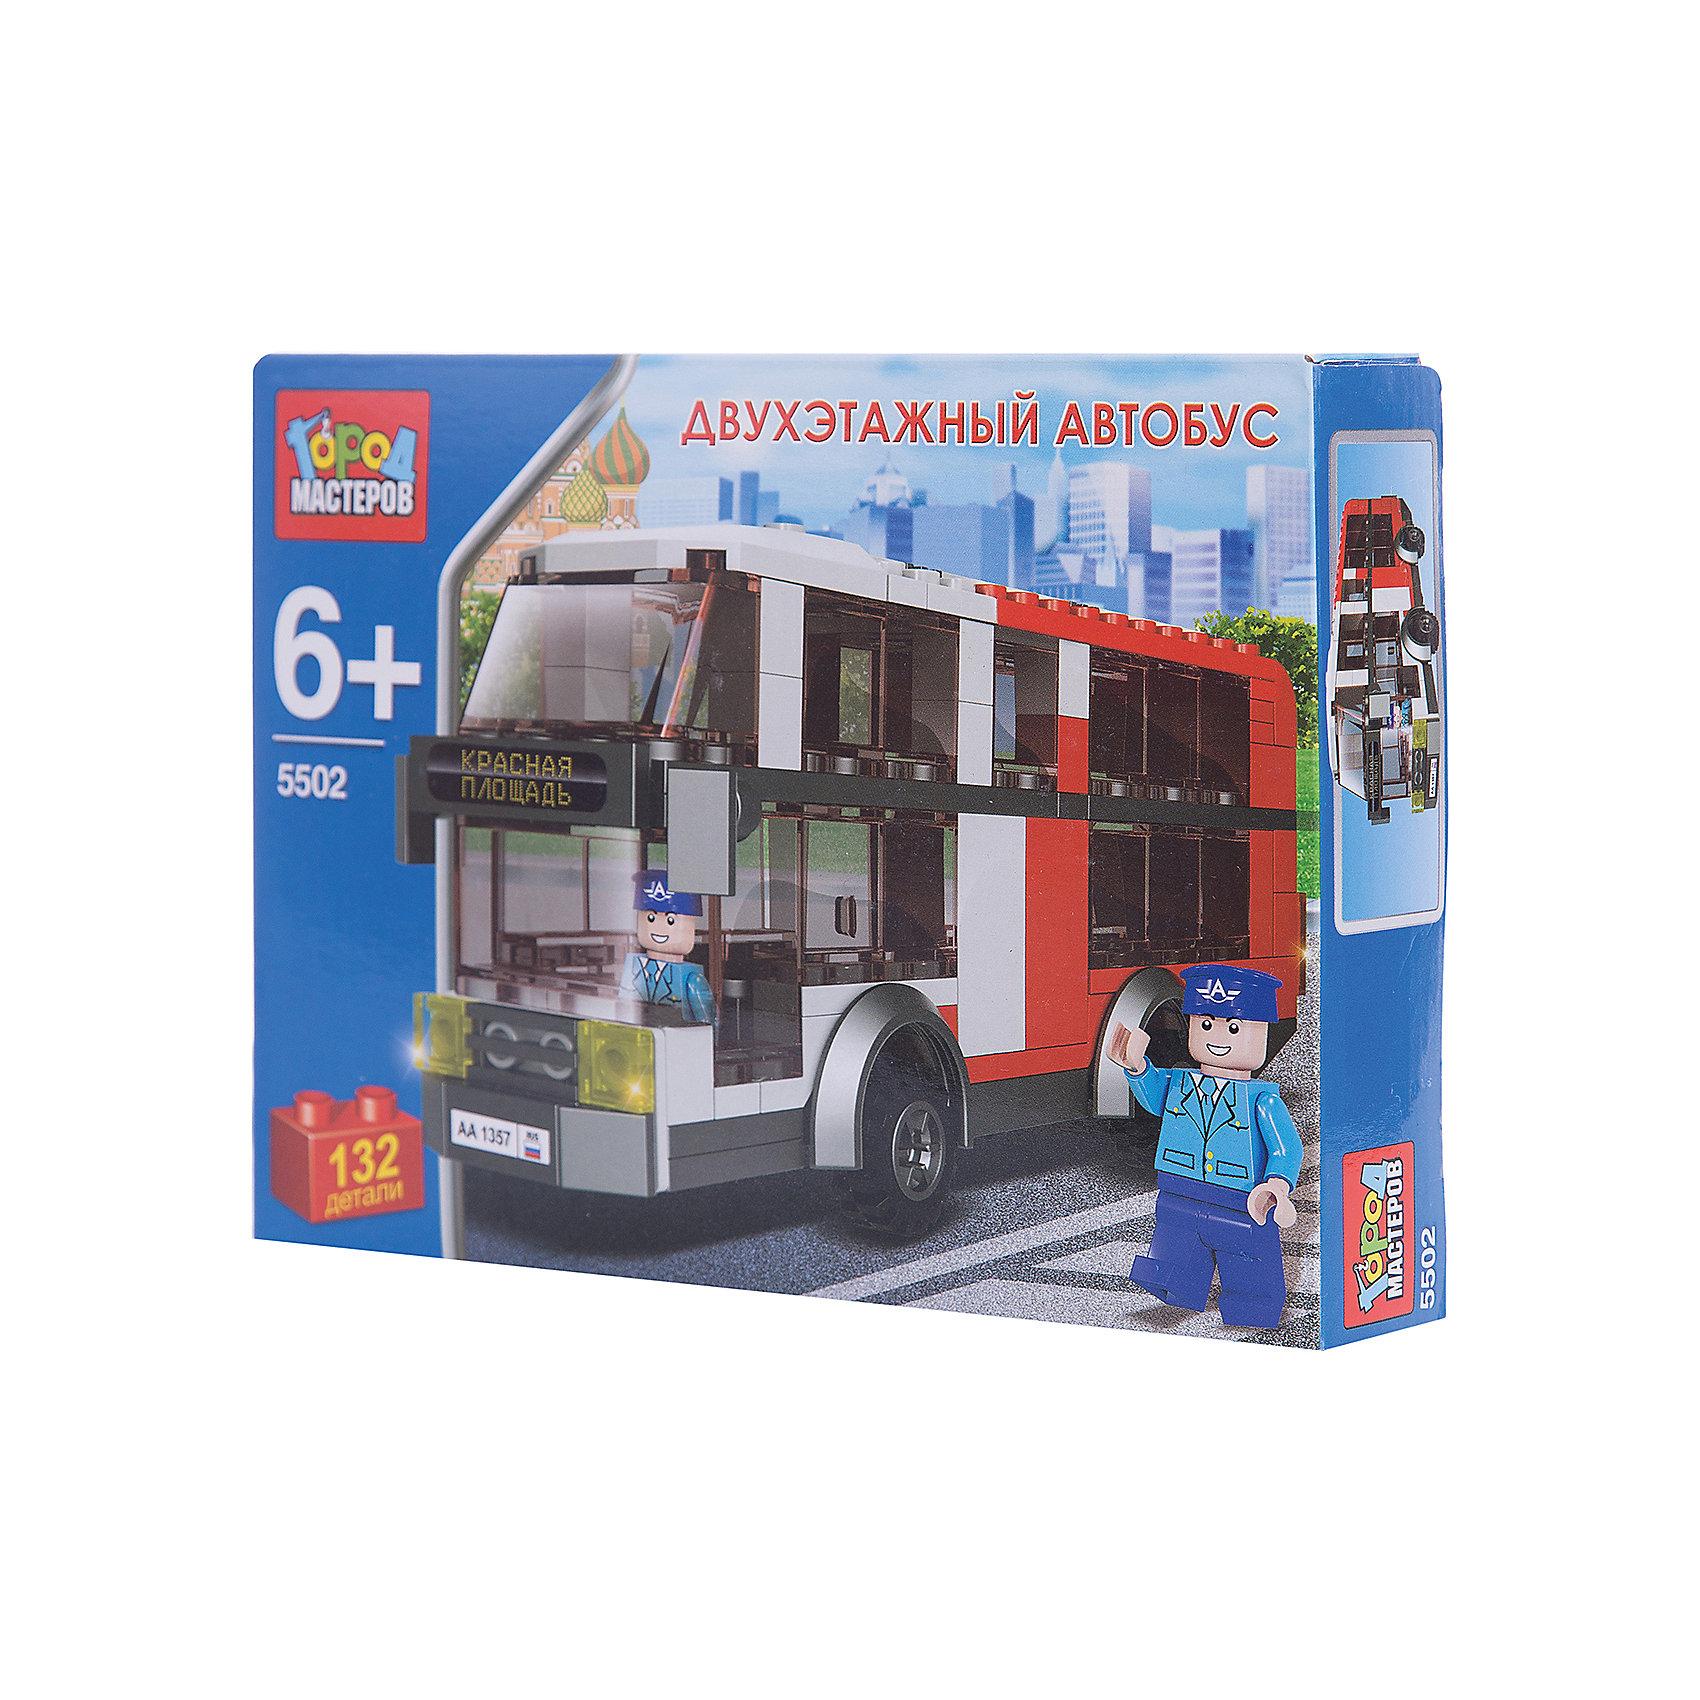 Конструктор Двухэтажный автобус, 132 детали, Город МастеровКонструкторы могут не только развлекать малыша, но и помогать его всестороннему развитию. Этот набор предназначен для формирования разных навыков, он помогает развить тактильное восприятие, мелкую моторику, воображение, внимание и логику.<br>Изделие представляет собой набор: 132 детали, из которых можно сделать автобус. Он выглядит почти как настоящий! С такой игрушкой можно придумать множество игр! Изделие произведено из качественных материалов, безопасных для ребенка.<br><br>Дополнительная информация:<br><br>цвет: разноцветный;<br>материал: пластик;<br>комплектация: 132 детали;<br>размер упаковки: 40 x 150 x 190 мм.<br><br>Конструктор Двухэтажный автобус, 132 детали, от бренда Город Мастеров можно купить в нашем магазине.<br><br>Ширина мм: 40<br>Глубина мм: 190<br>Высота мм: 150<br>Вес г: 210<br>Возраст от месяцев: 36<br>Возраст до месяцев: 2147483647<br>Пол: Мужской<br>Возраст: Детский<br>SKU: 5002213